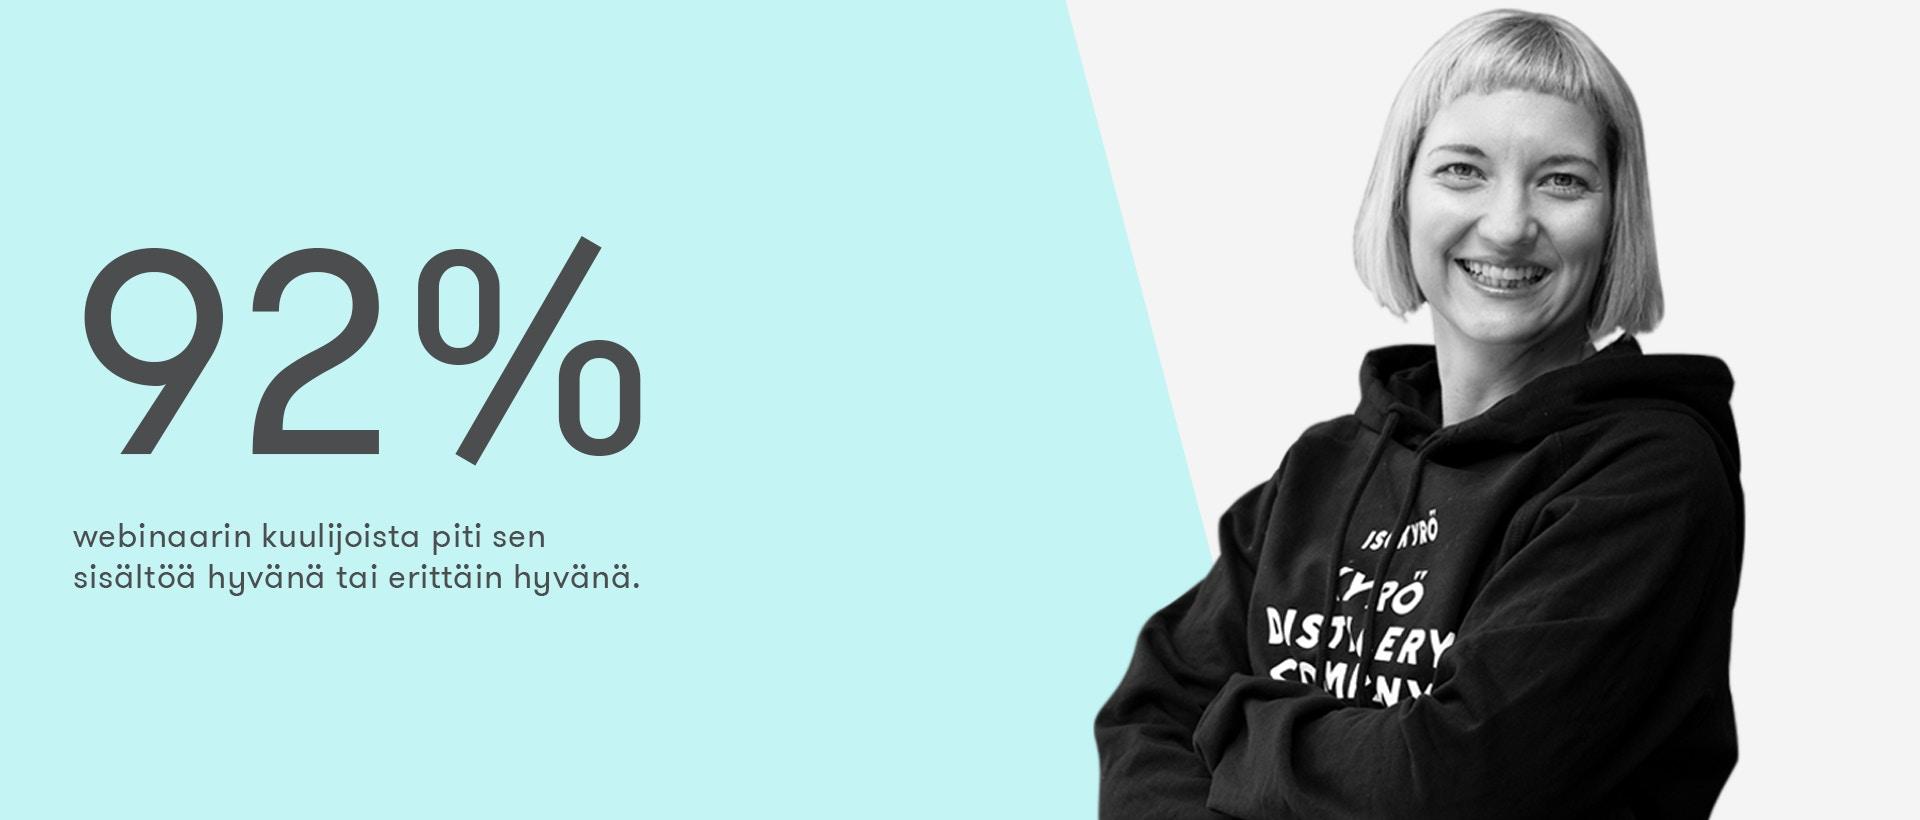 Äänensävyn ja yhteisöjen merkitys markkinoinnissa -webinaarin kuulijoista 92 % piti sen sisältöä hyvänä tai erittäin hyvänä